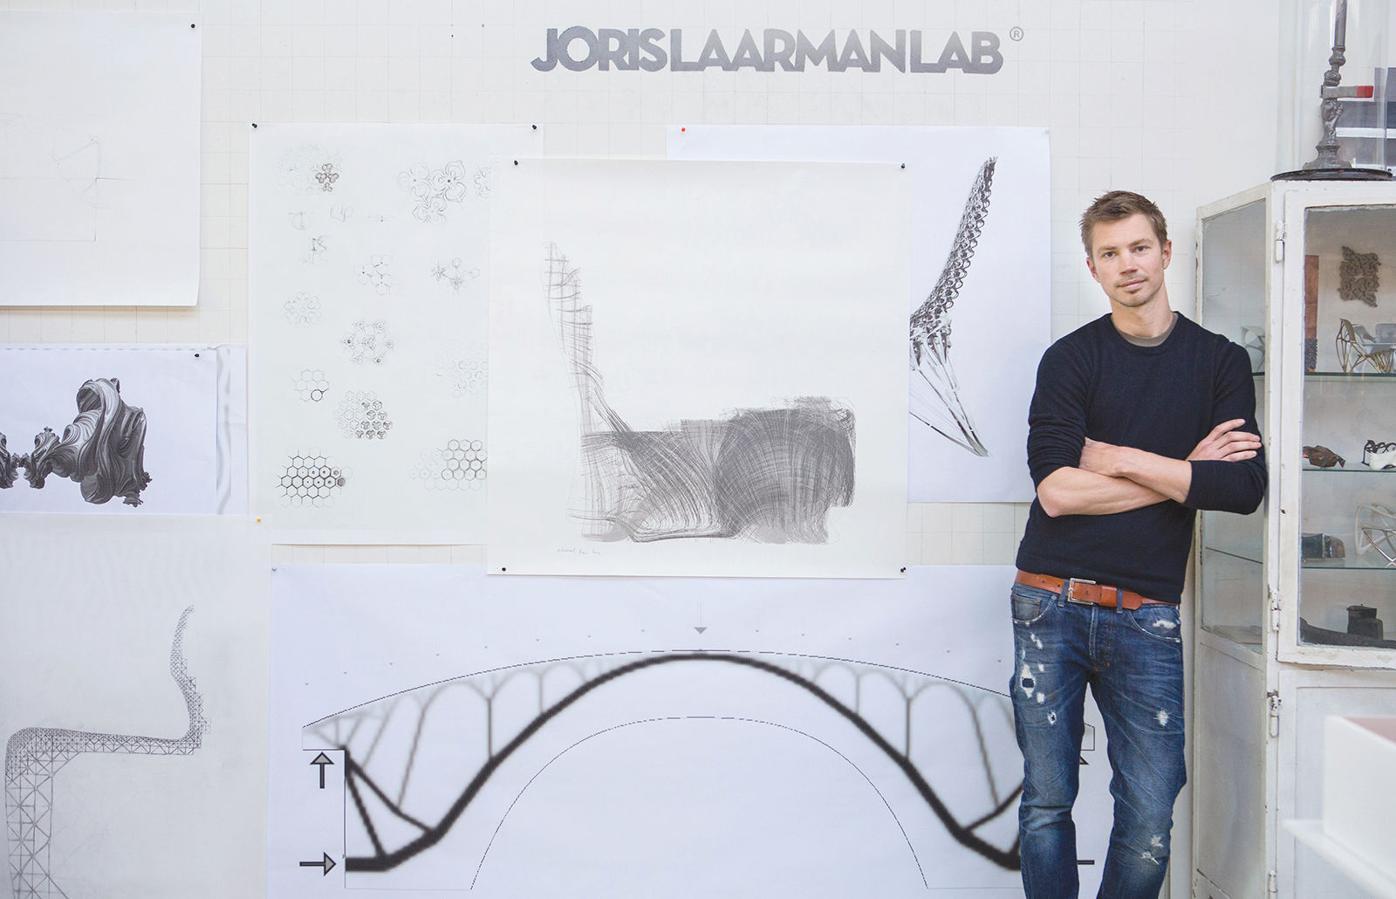 Joris Laarman Lab 1 Joris Laarman with plans